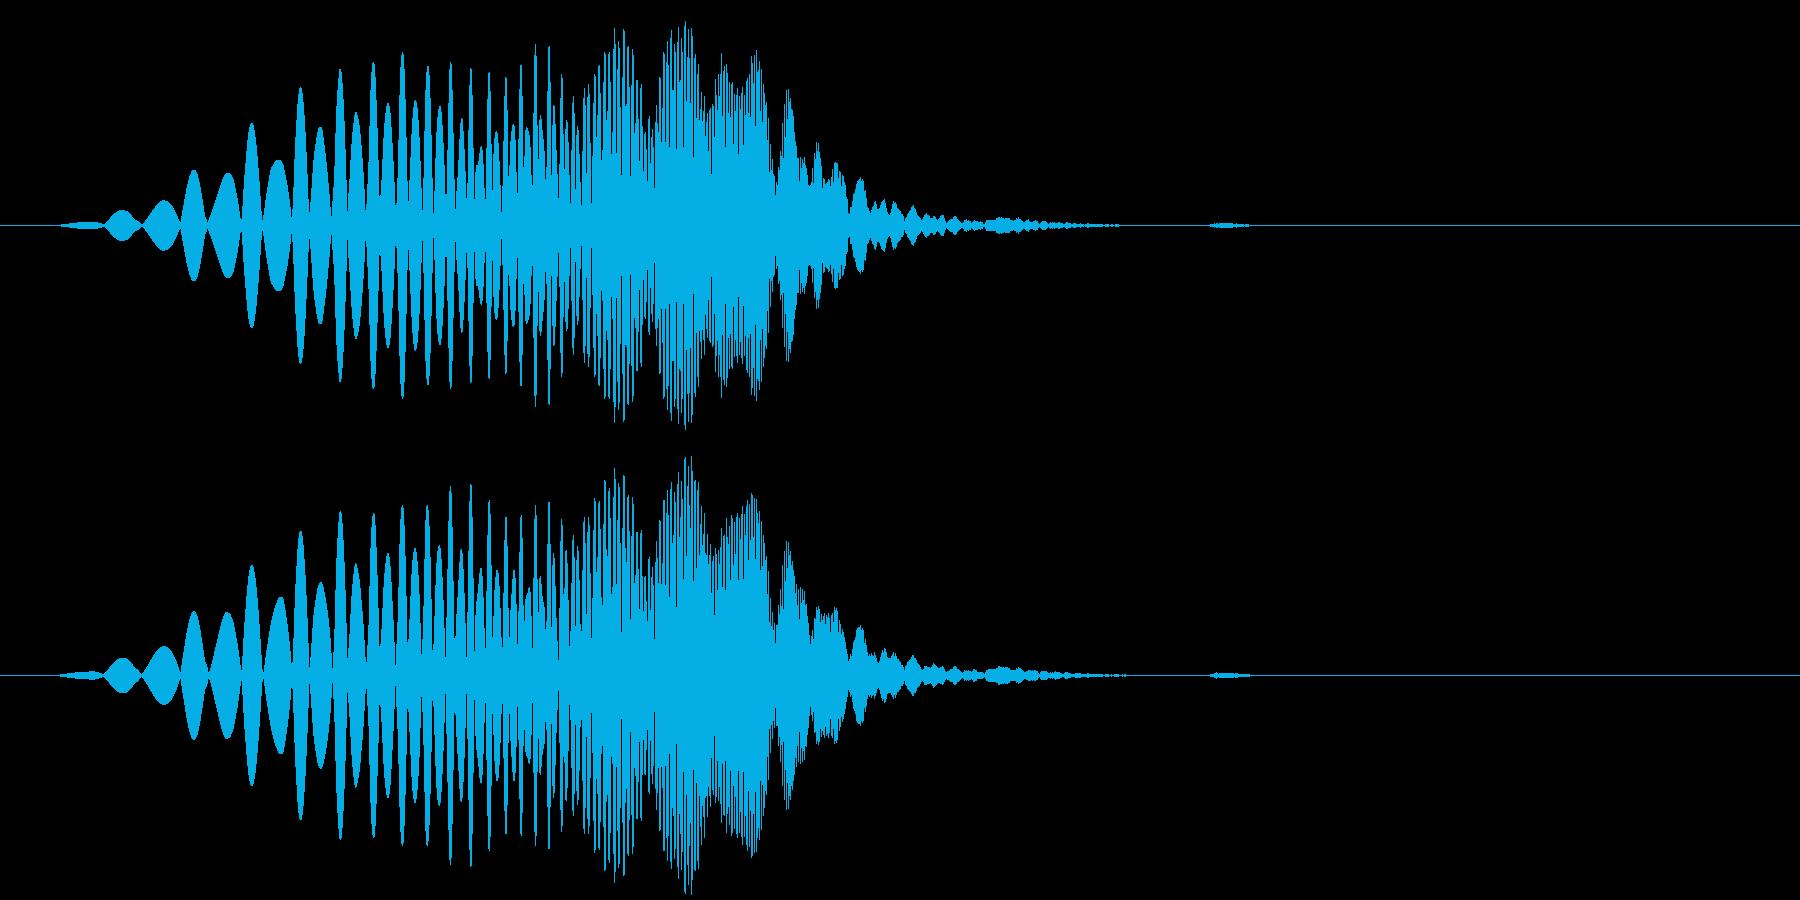 プイ(回復・ドロップなど小さめの上昇音)の再生済みの波形